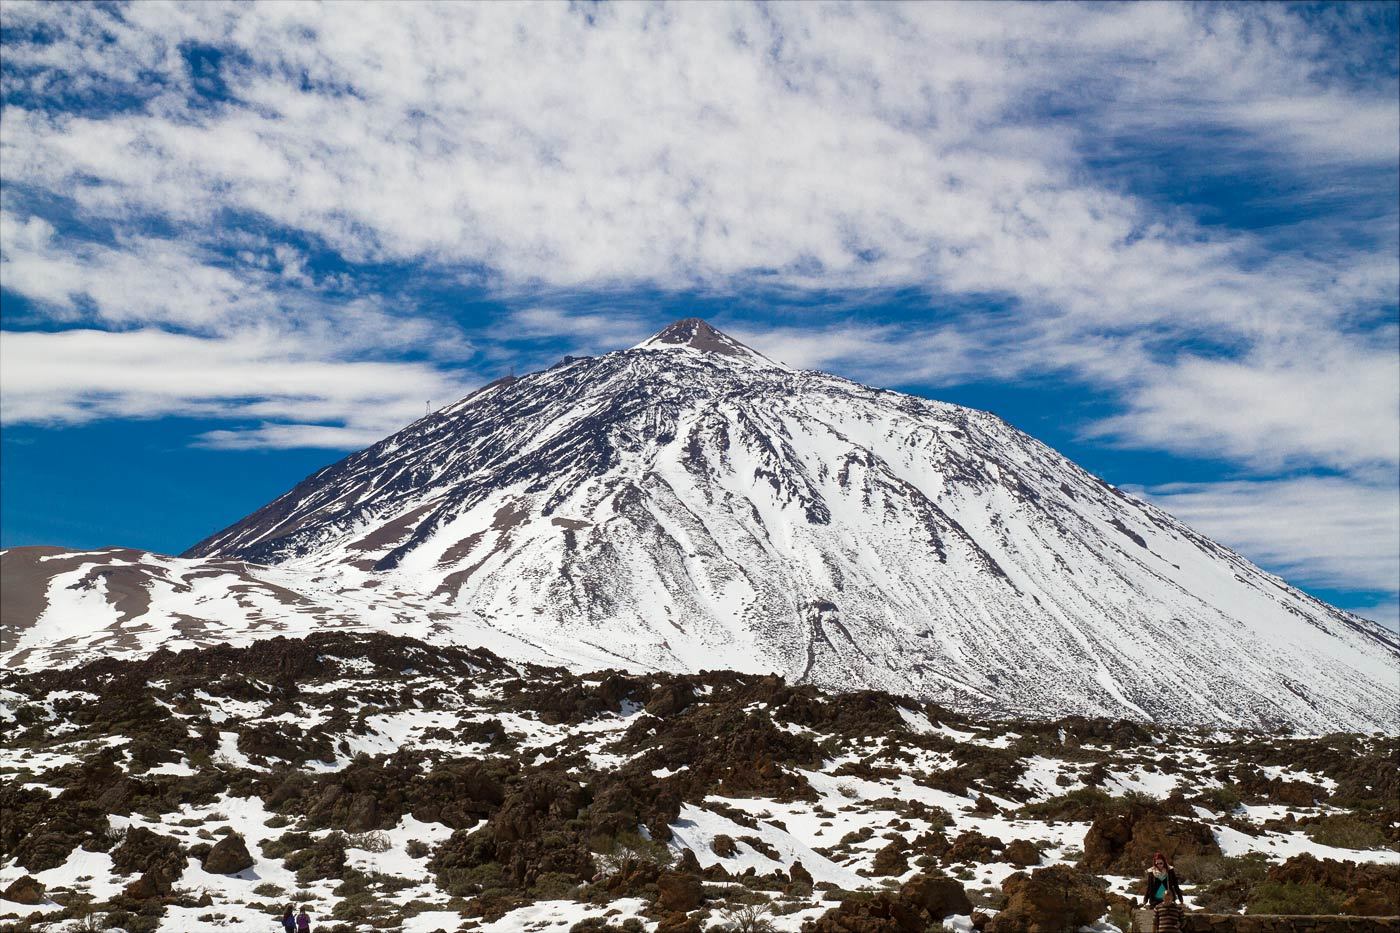 Тейде, заснеженный восточный склон вулкана